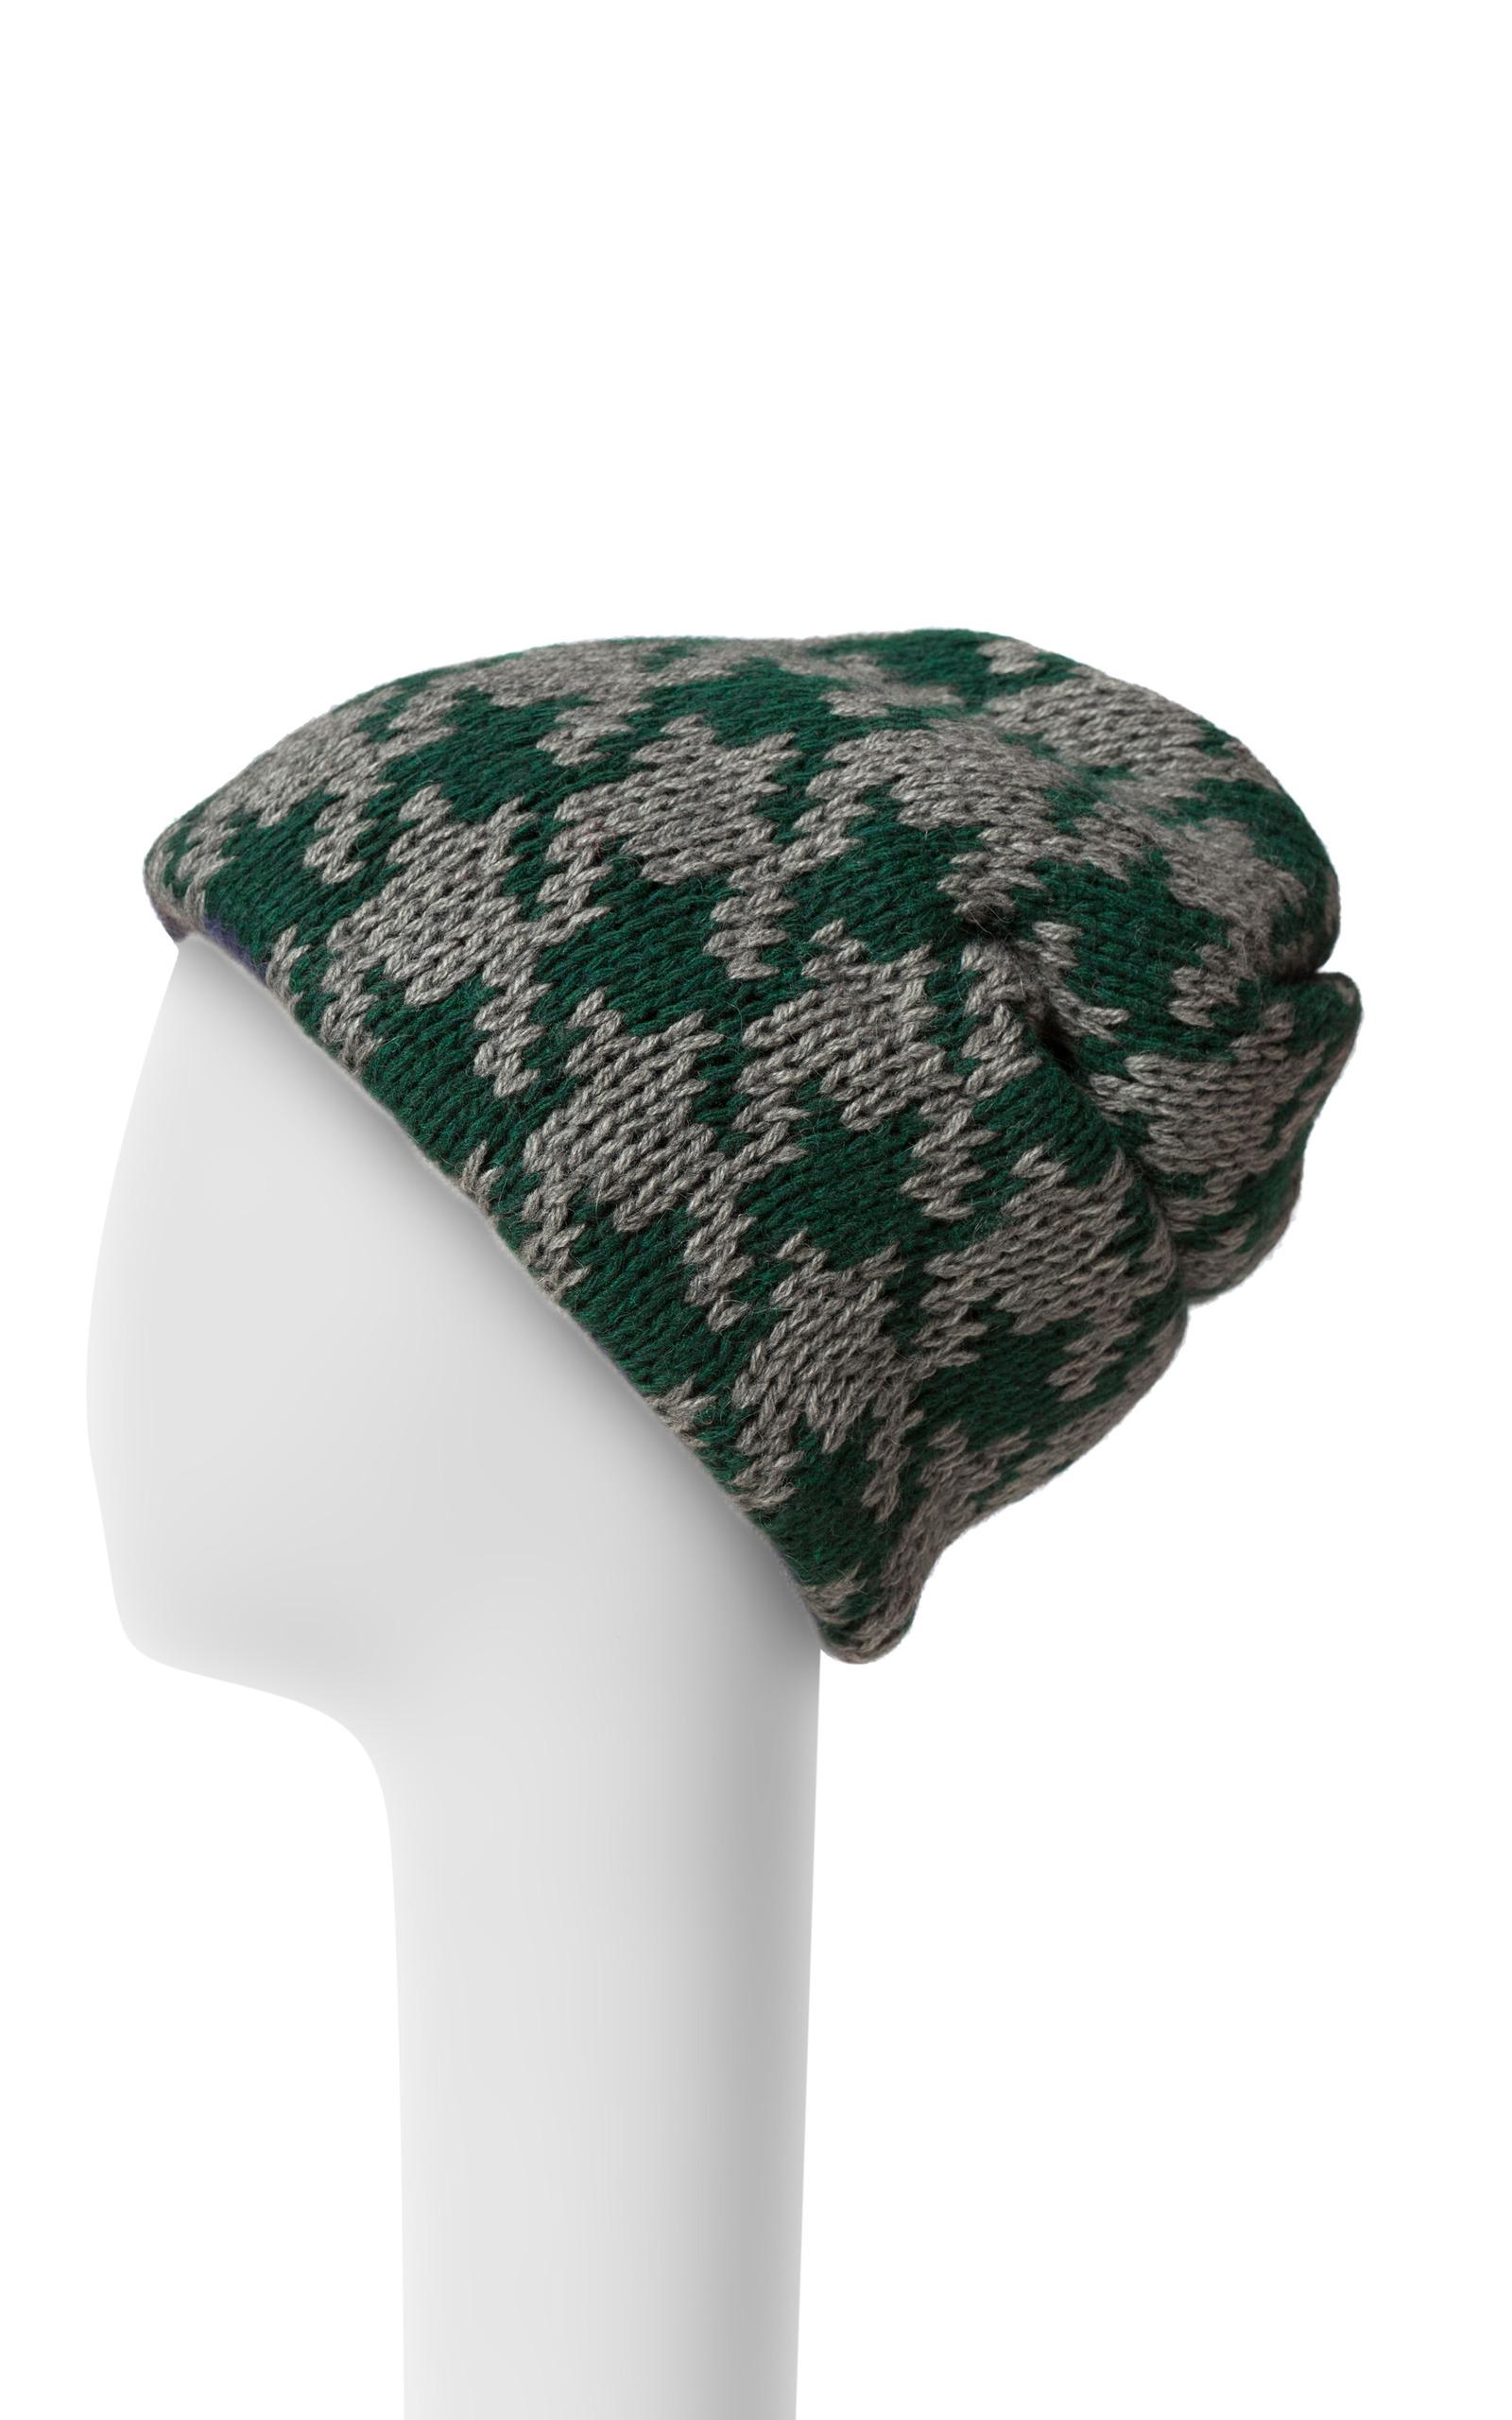 b4477cac922 Tak Ori Cortina Green Hat by Tak.Ori